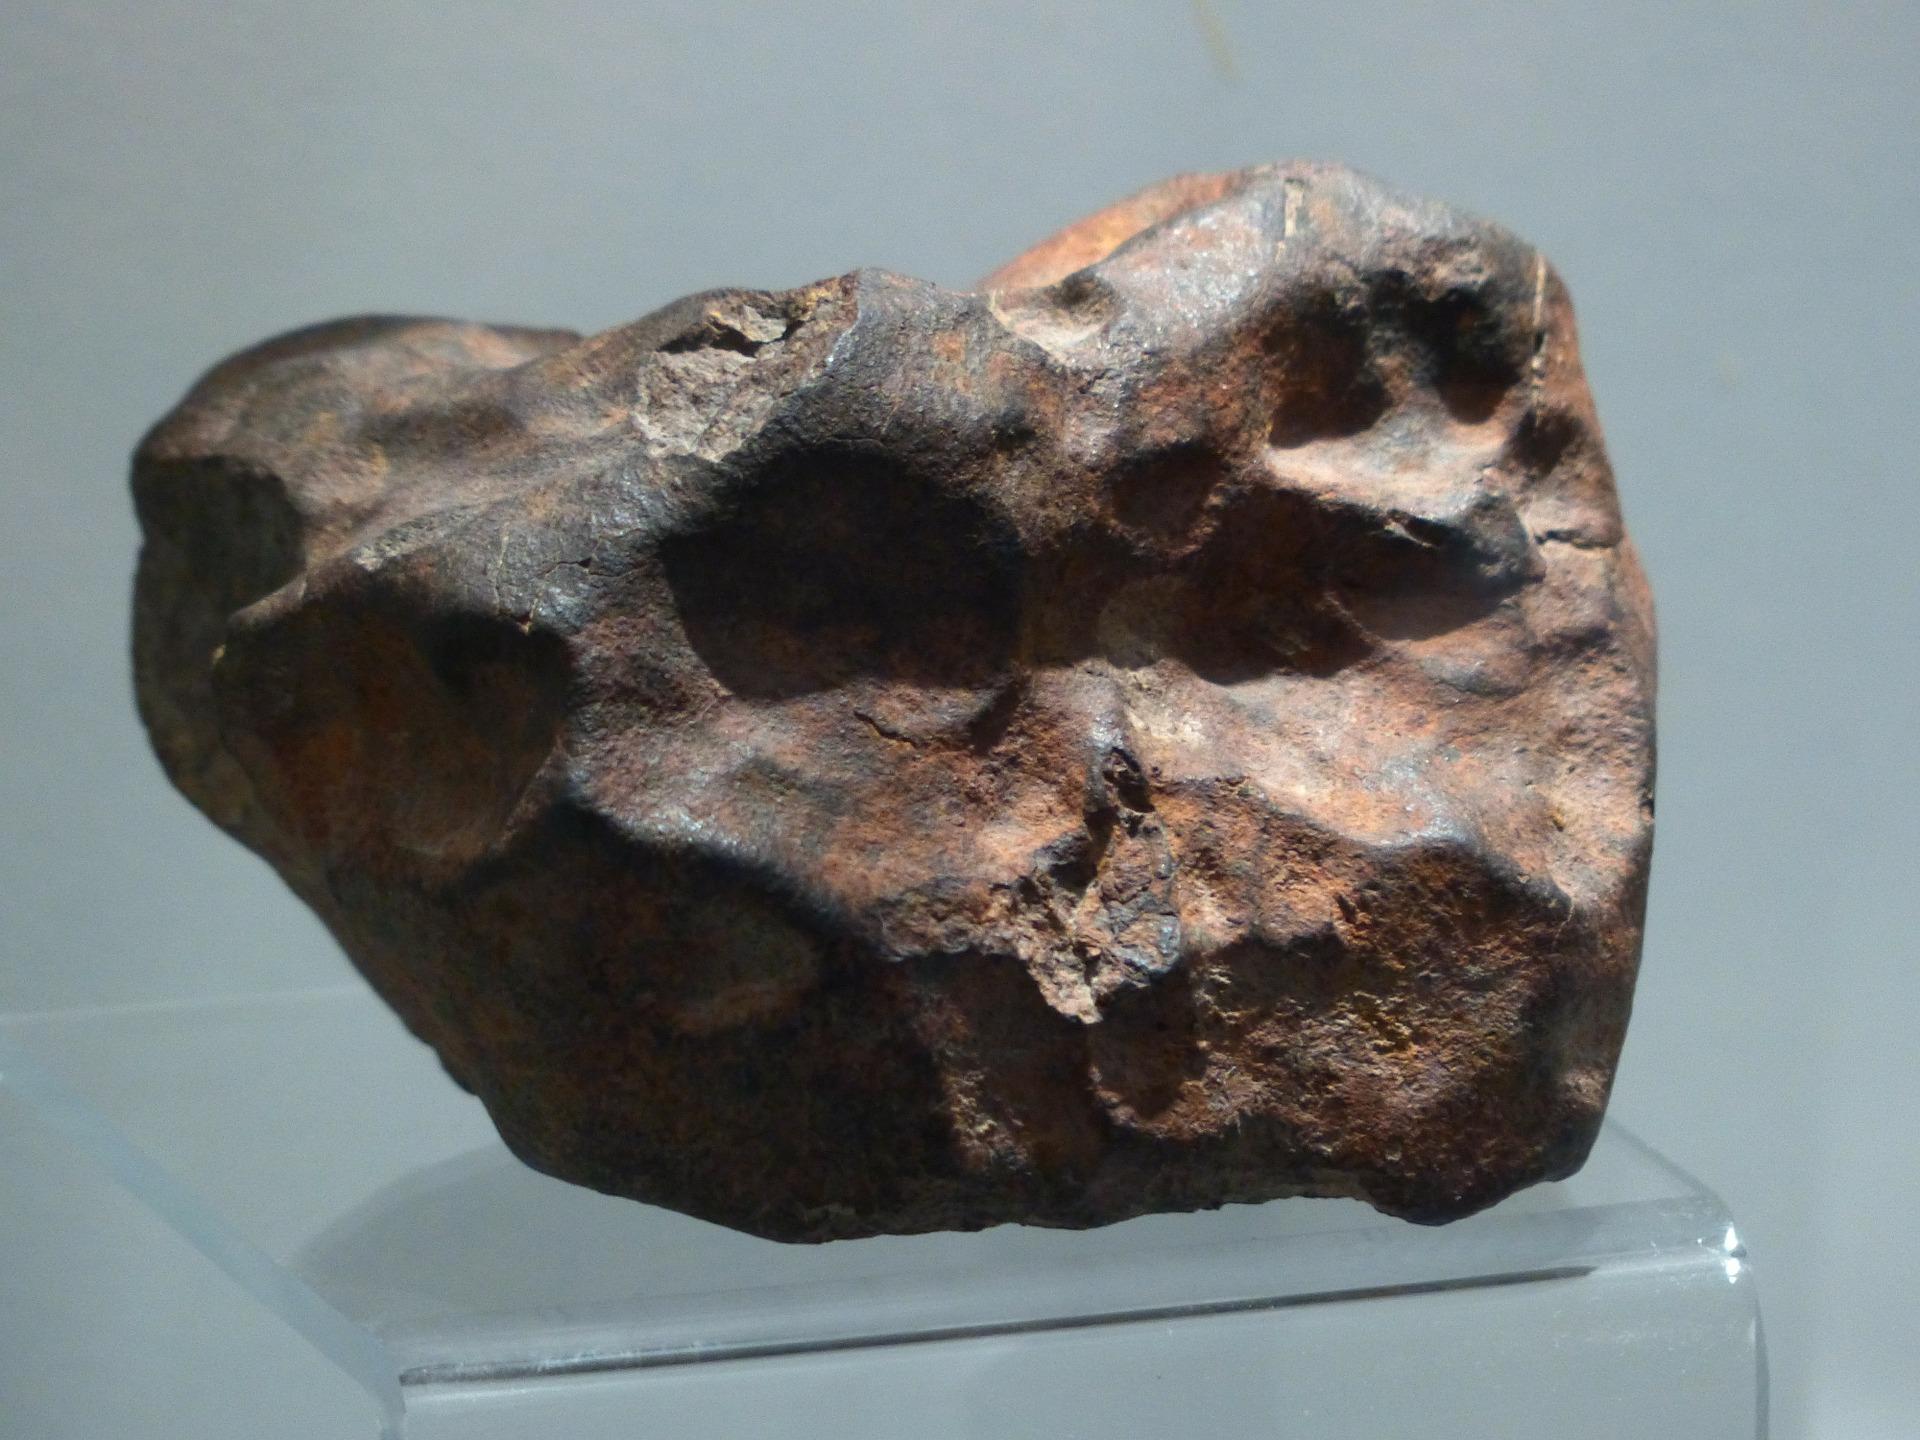 Das ist ein Meteorit. Das war ein Meteor, der so groß war, dass er nicht ganz verglüht ist. Ein Teil von ihm ist auf der Erde gelandet.